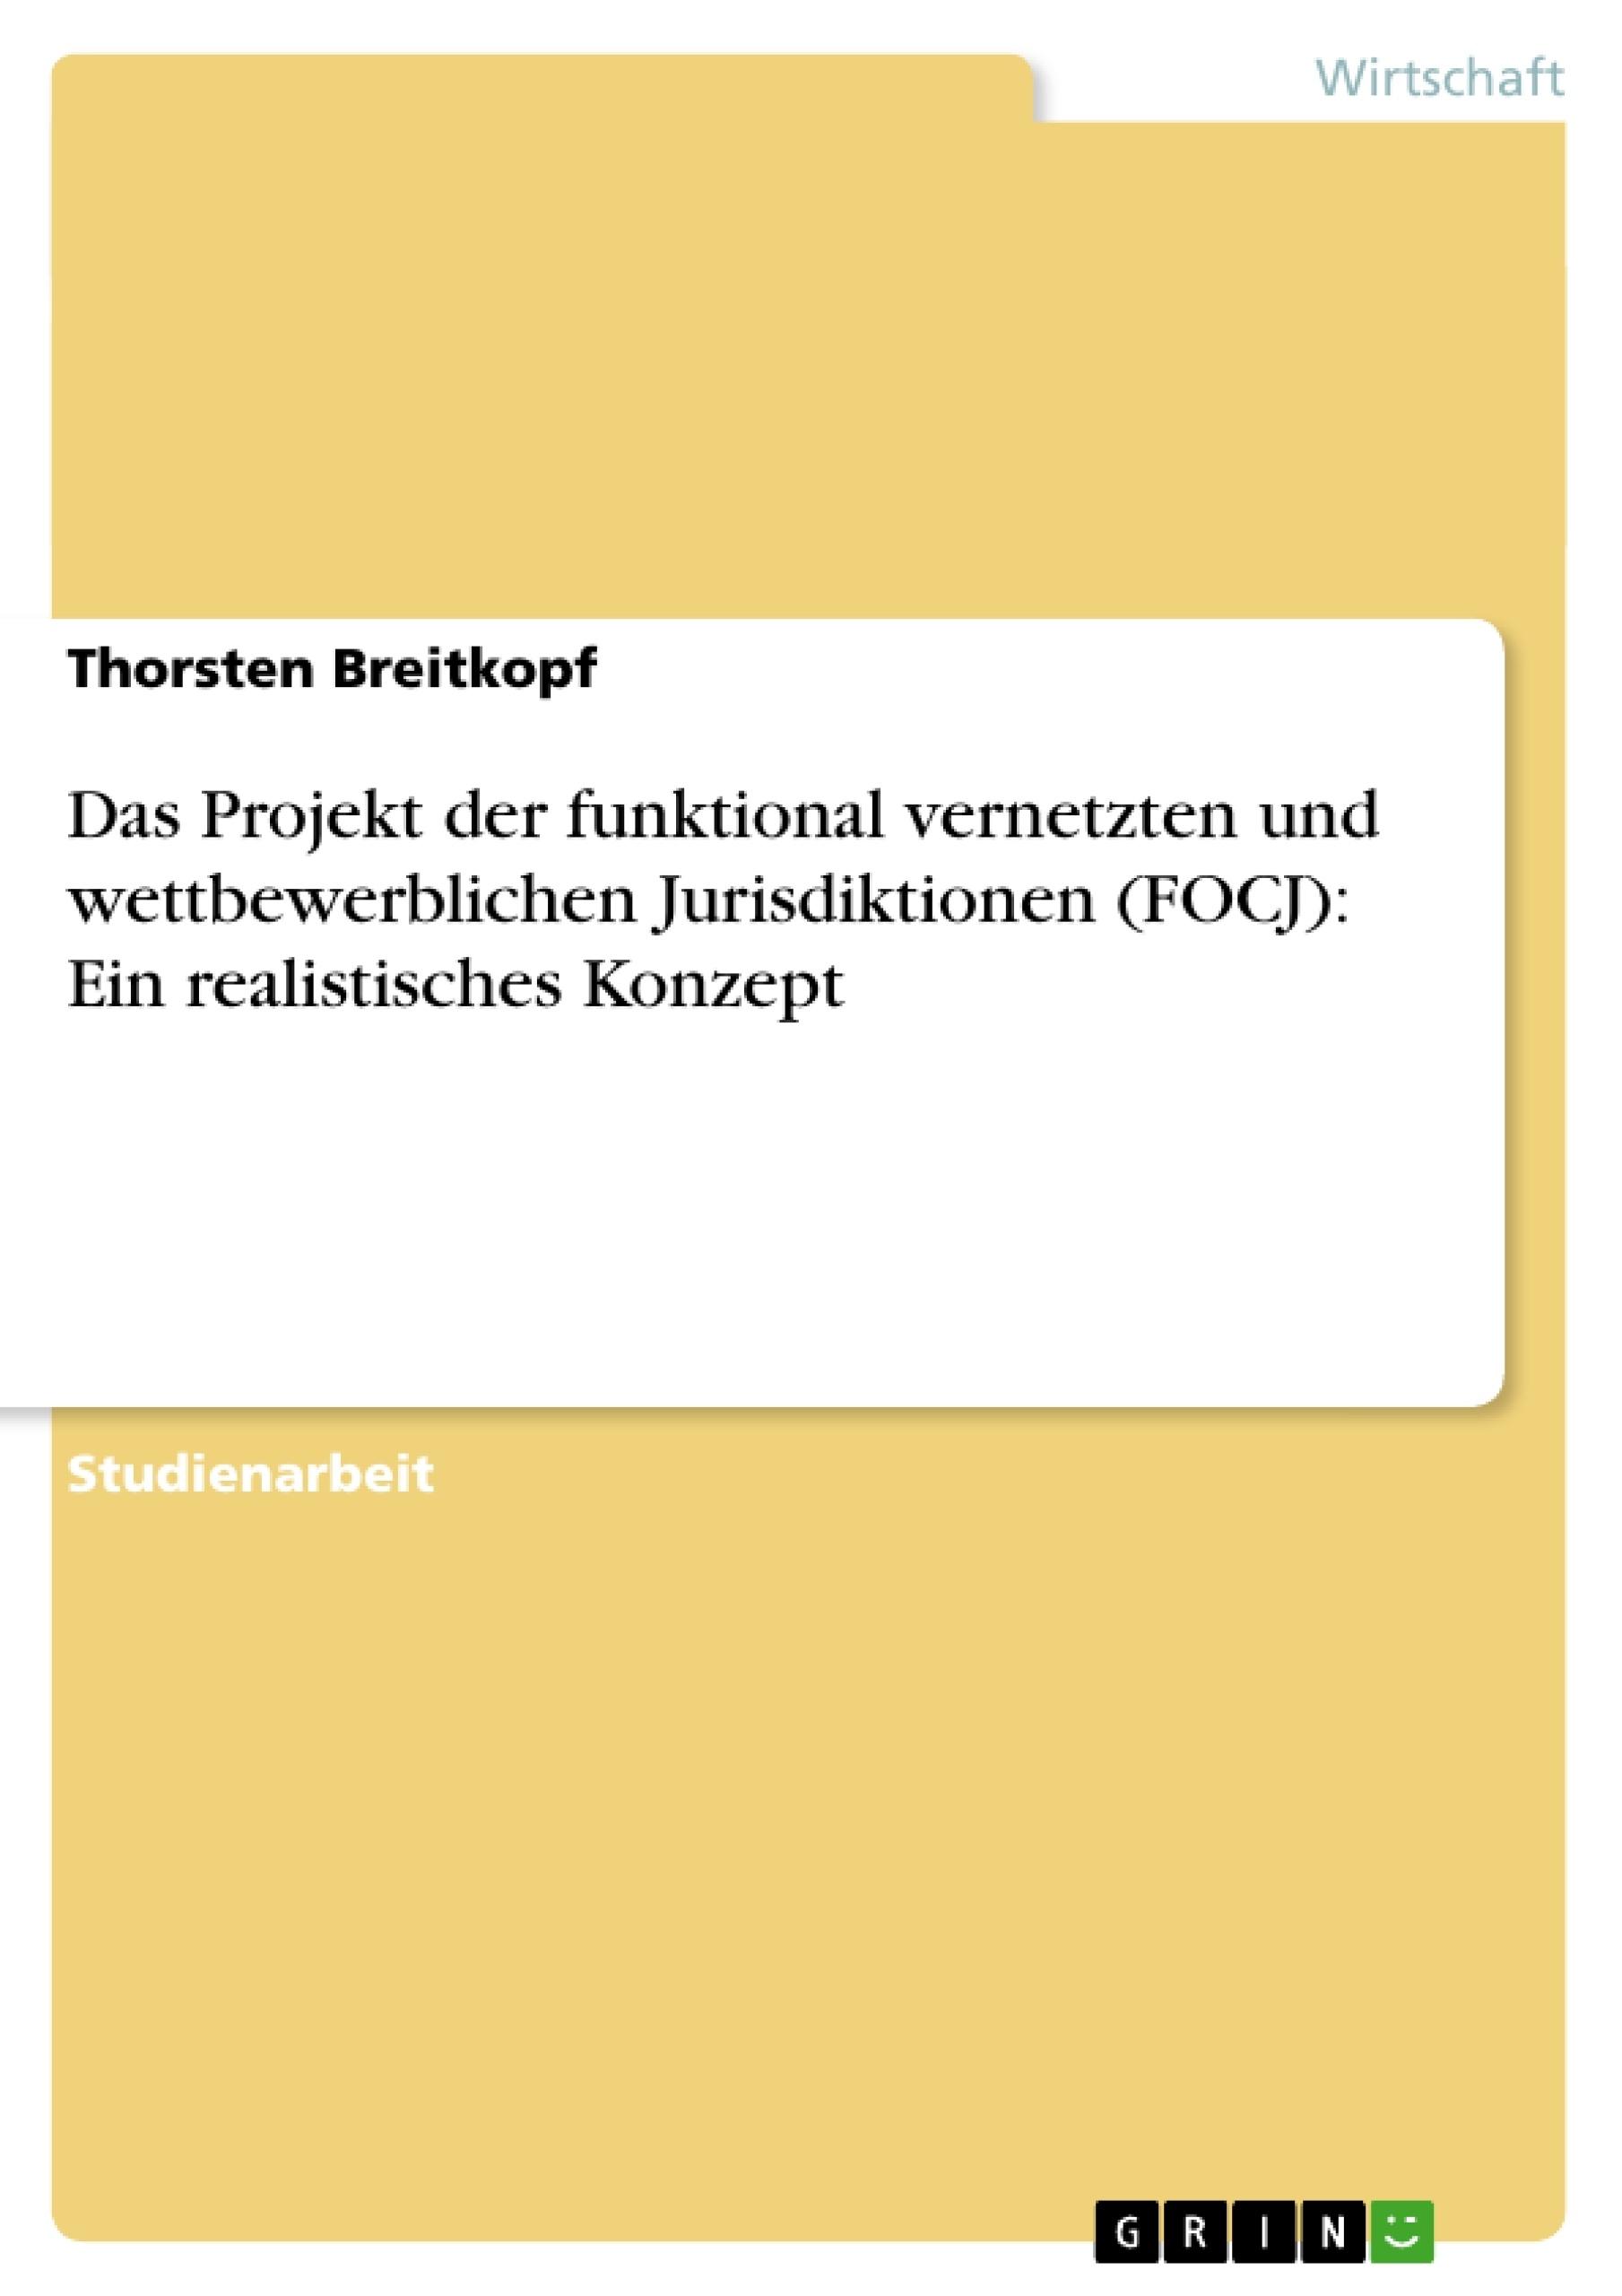 Titel: Das Projekt der funktional vernetzten und wettbewerblichen Jurisdiktionen (FOCJ): Ein realistisches Konzept